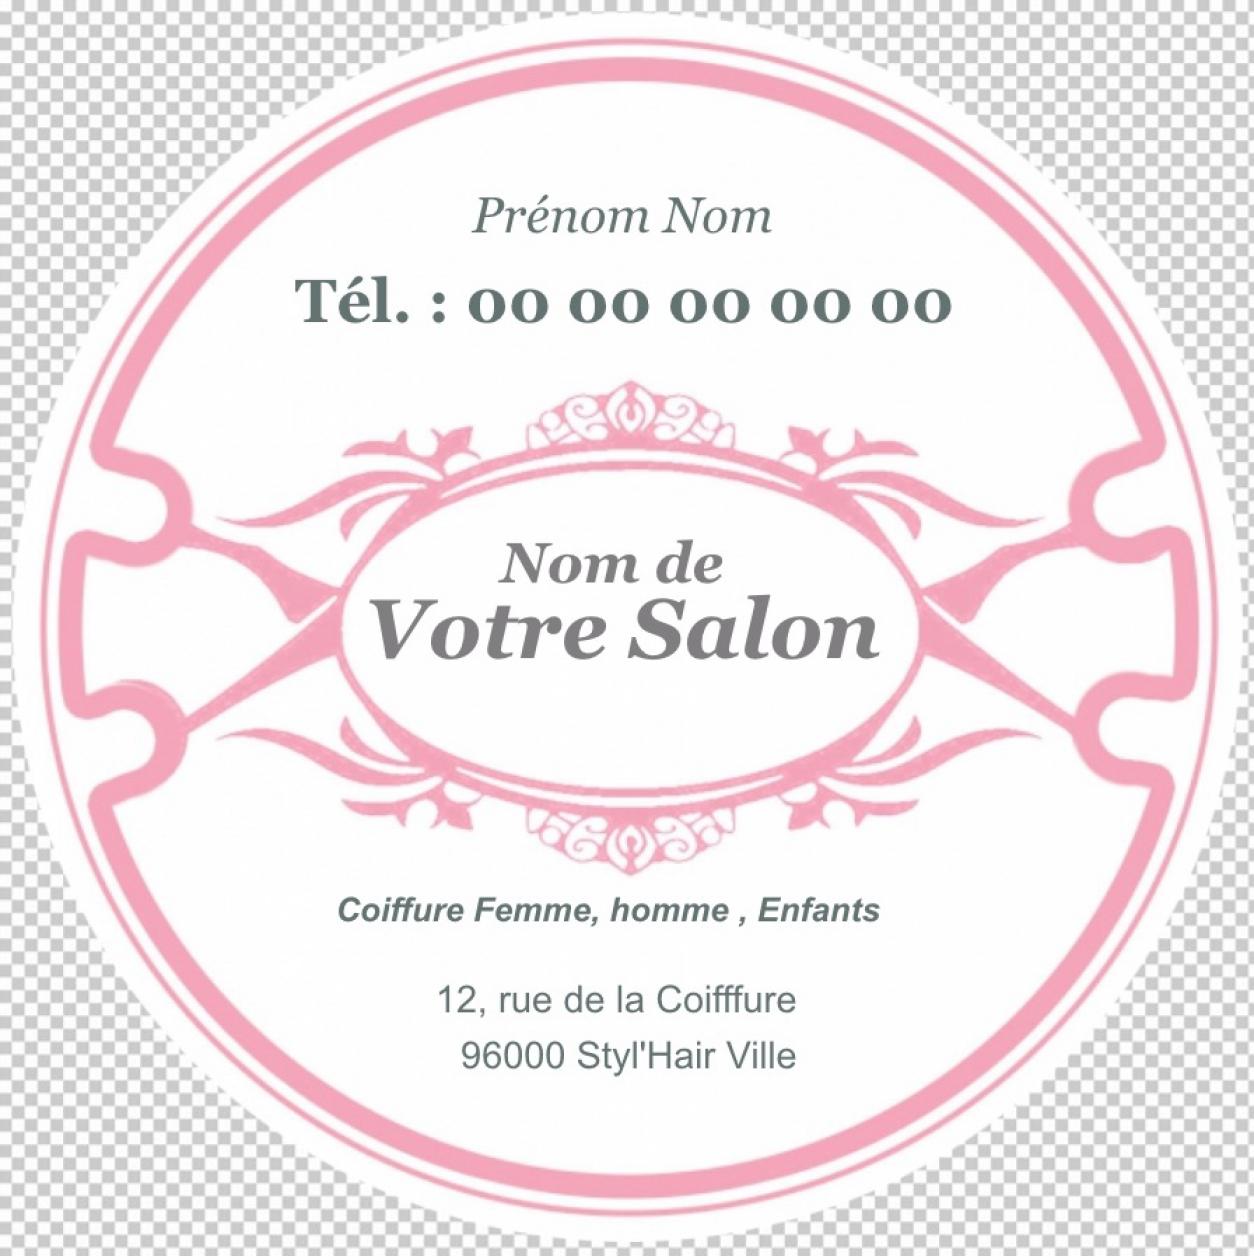 Coiffure Esthetique Carte De Visite Ronde Salon Ou A Domicile Modele Original Et Professionnel Gratuit Personnaliser